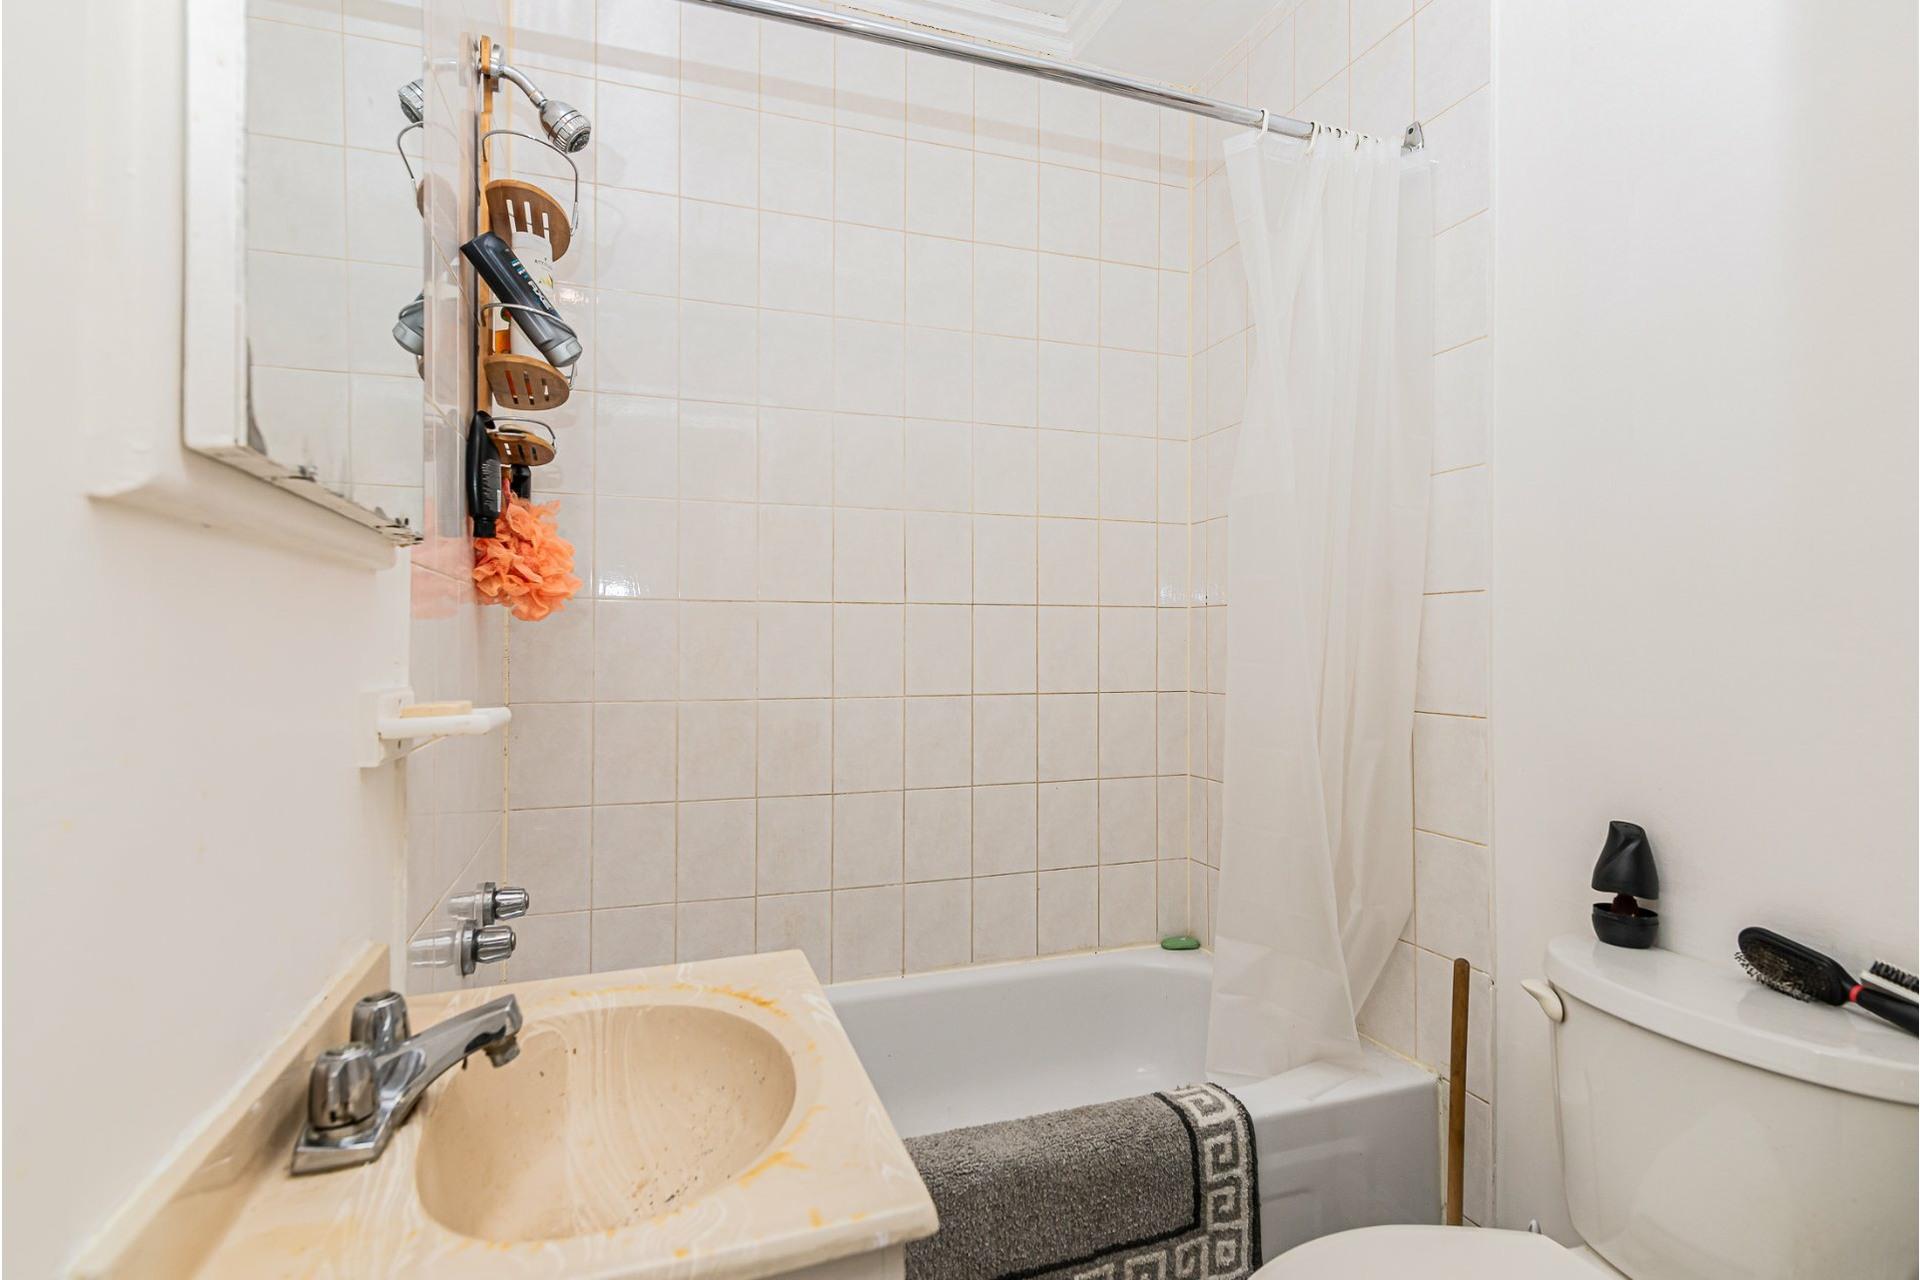 image 21 - Triplex For sale Villeray/Saint-Michel/Parc-Extension Montréal  - 6 rooms